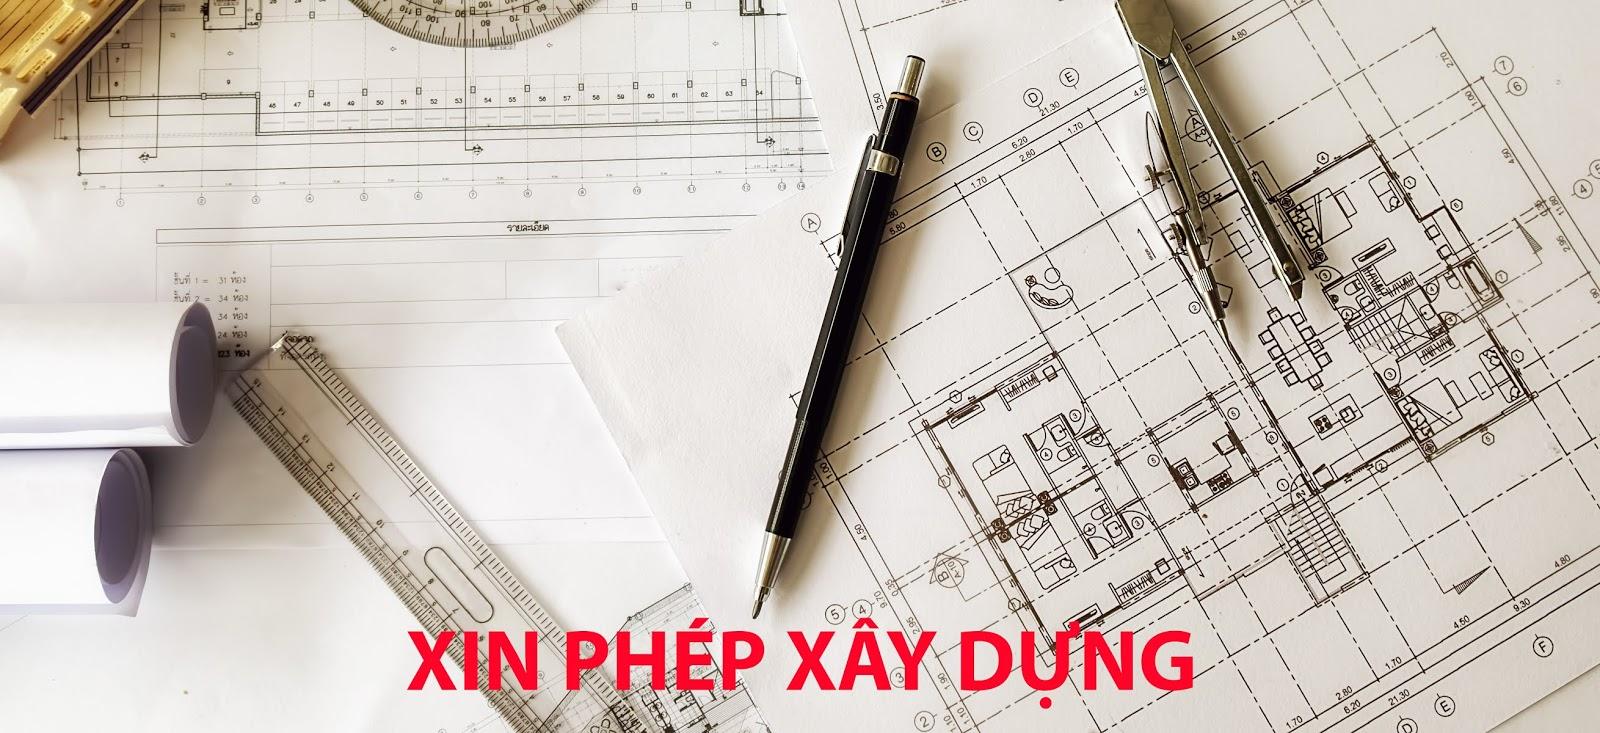 https://xaynhaviet.com.vn/dich-vu-xin-phep-xay-dung.html